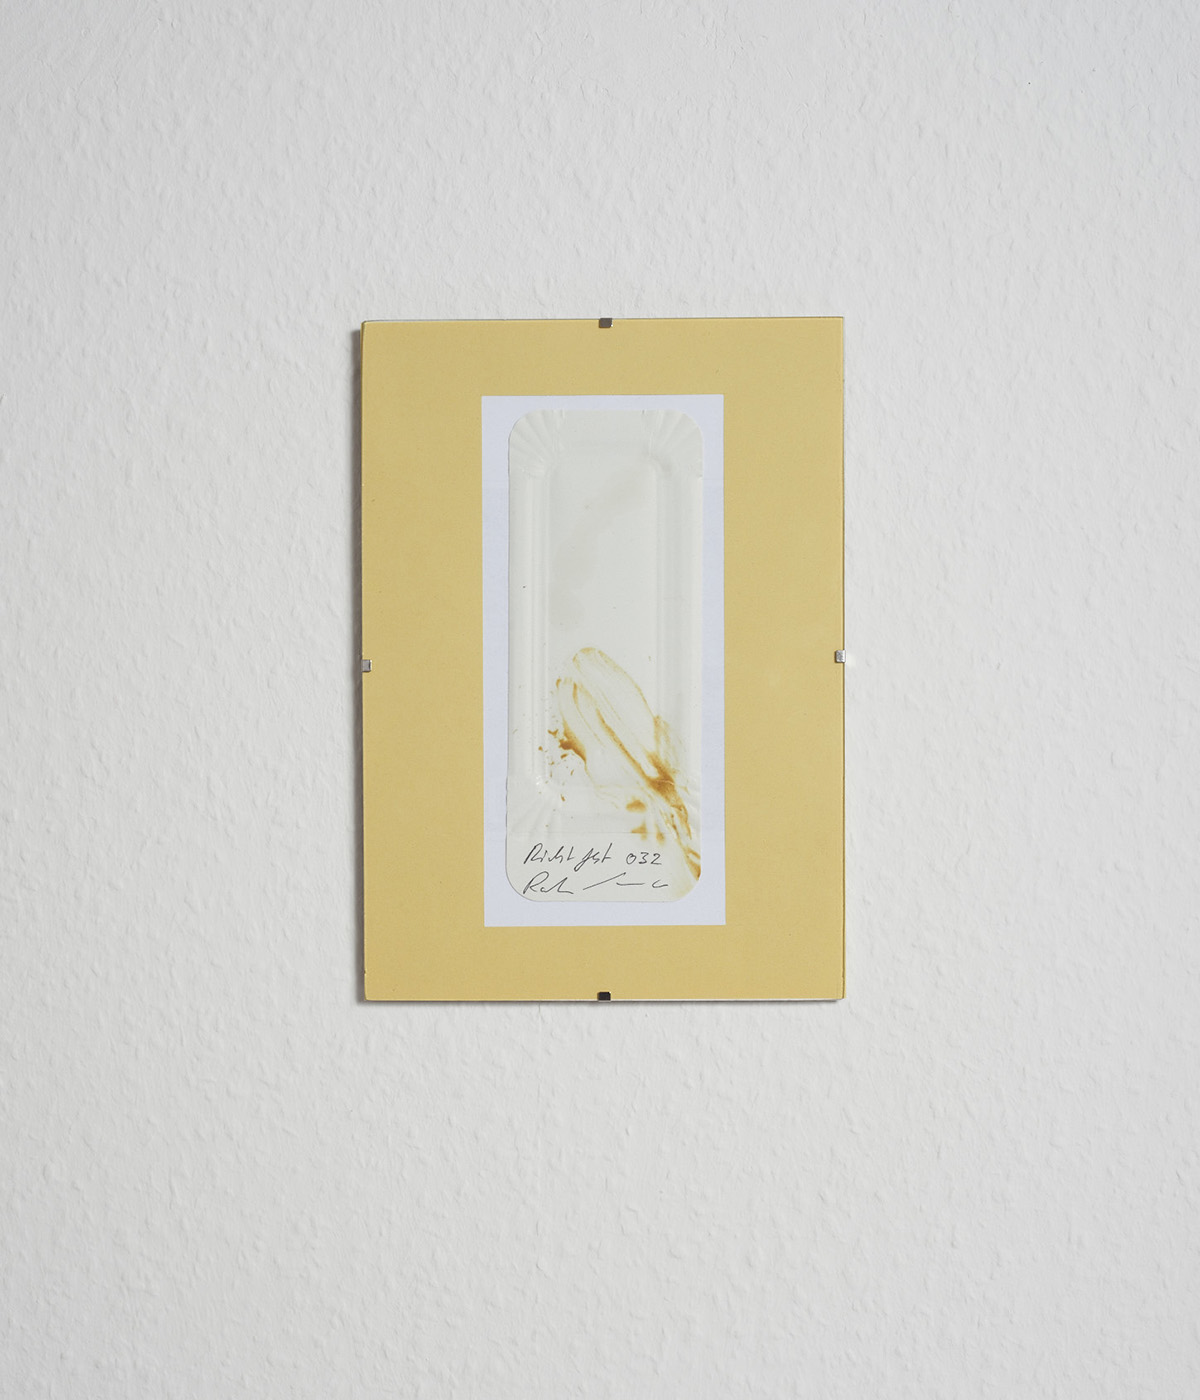 Pio Rahner, Richtfest 2016, Max Santo, Kunstverein, Offspace, Halle an der Saale, Kiosk am Reileck